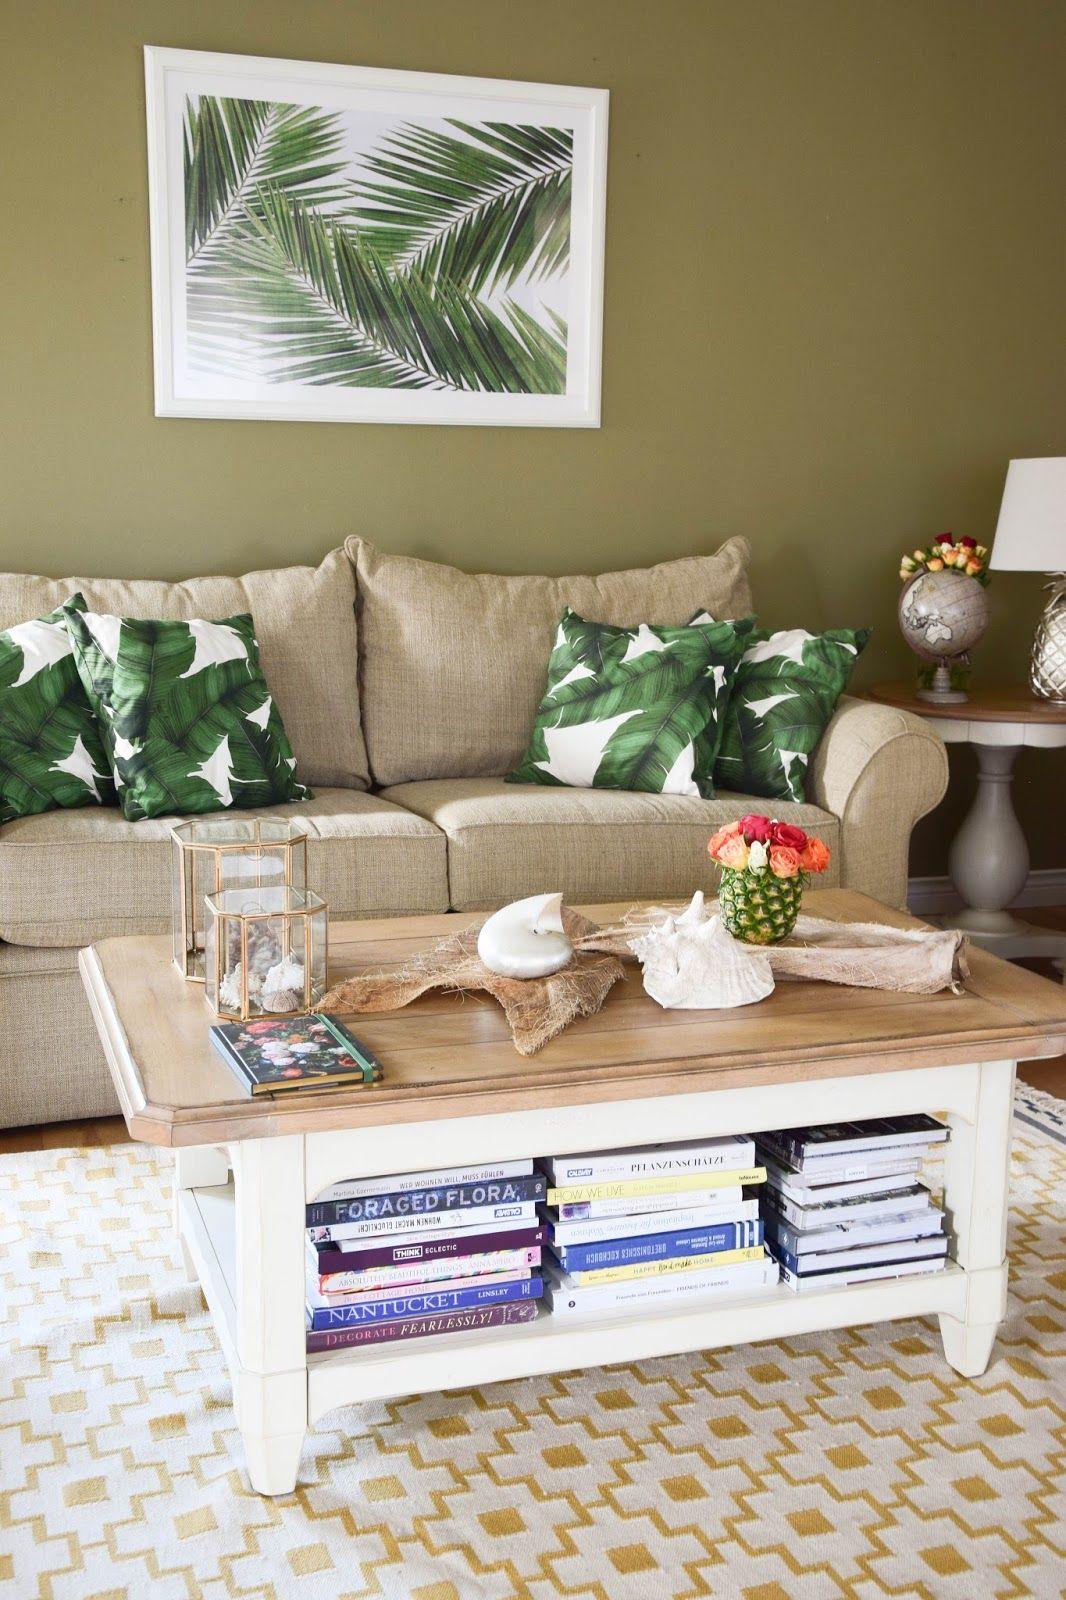 Holt euch den Sommer ins Wohnzimmer: Dekoideen und mehr